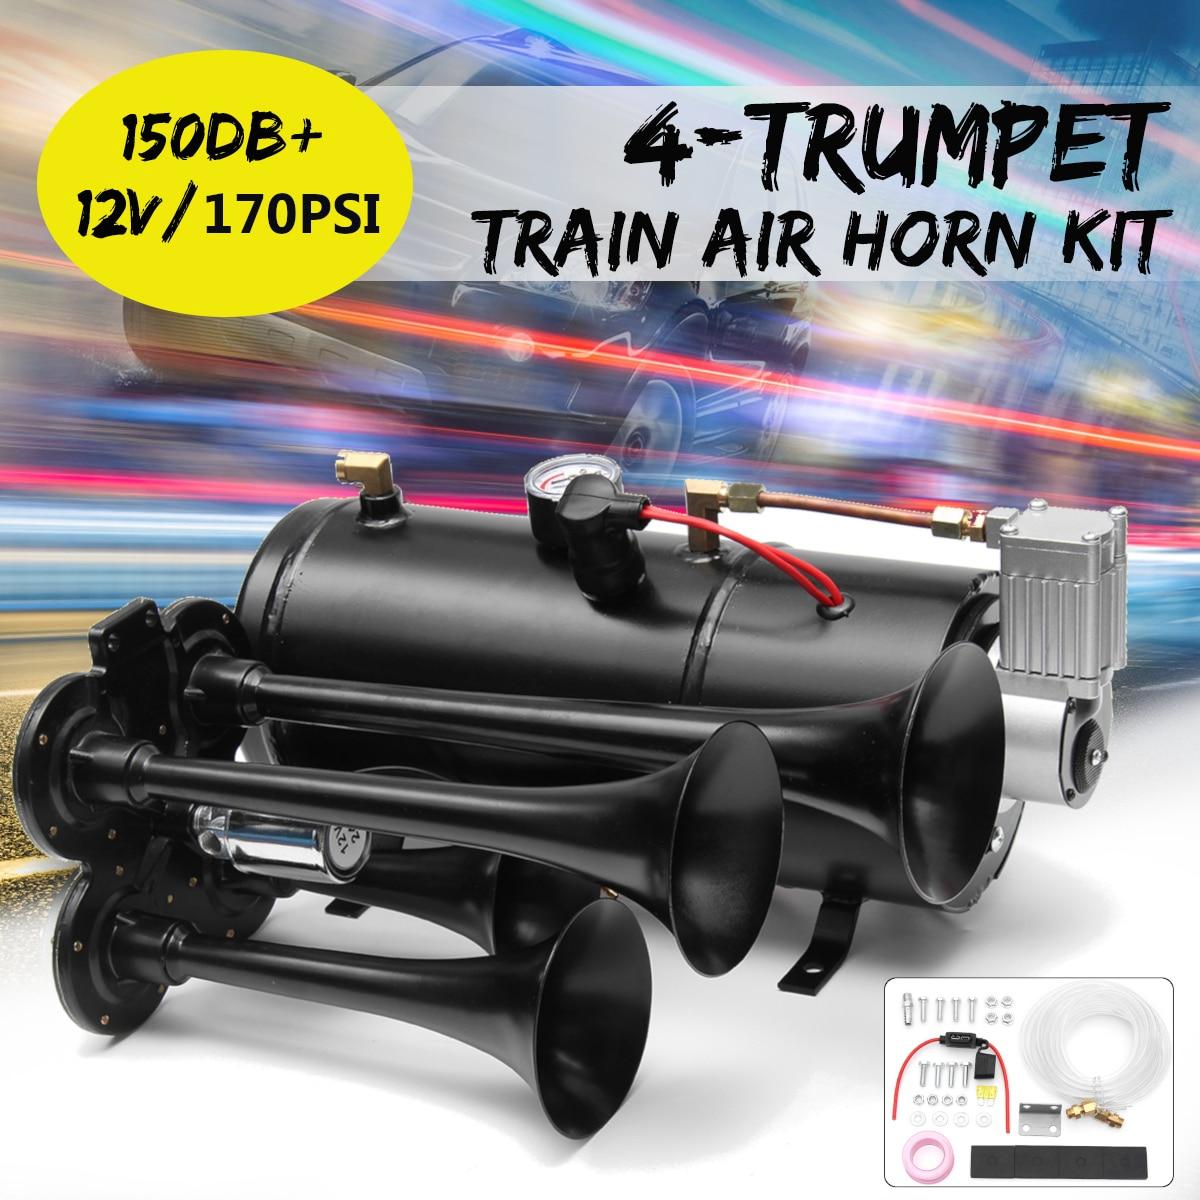 Черный грузовик поезд Quad 4 труба звуковой сигнал комплект 170 фунтов/кв. дюйм 150DB 12 В 3 литров компрессор и дом